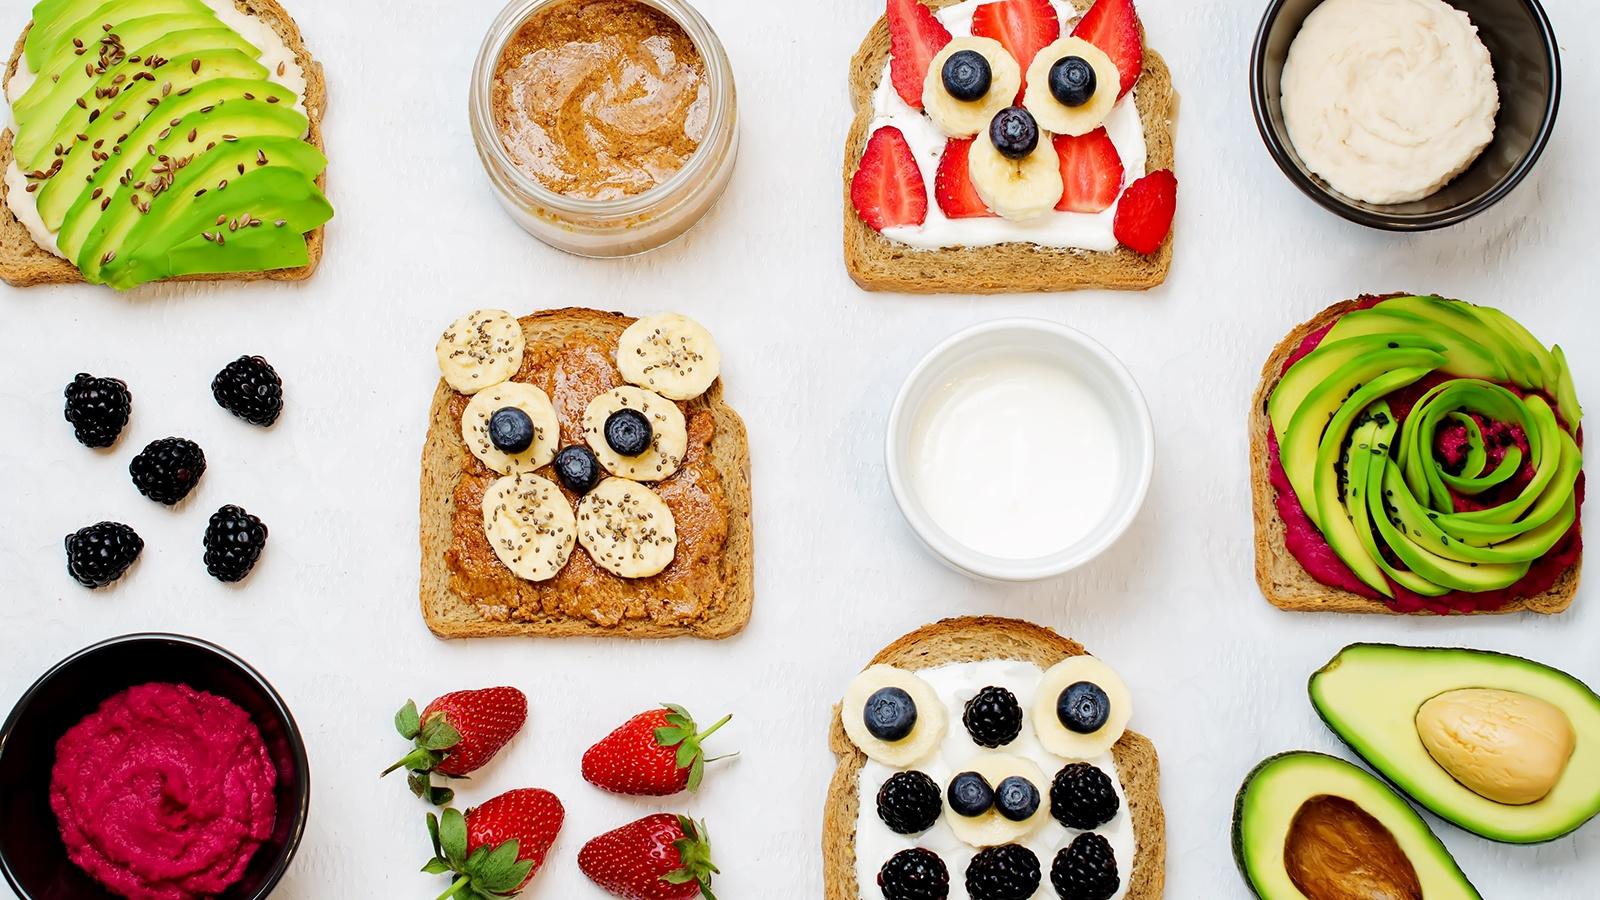 Brain-Food--Smart-Snacks-for-Studying.jpg